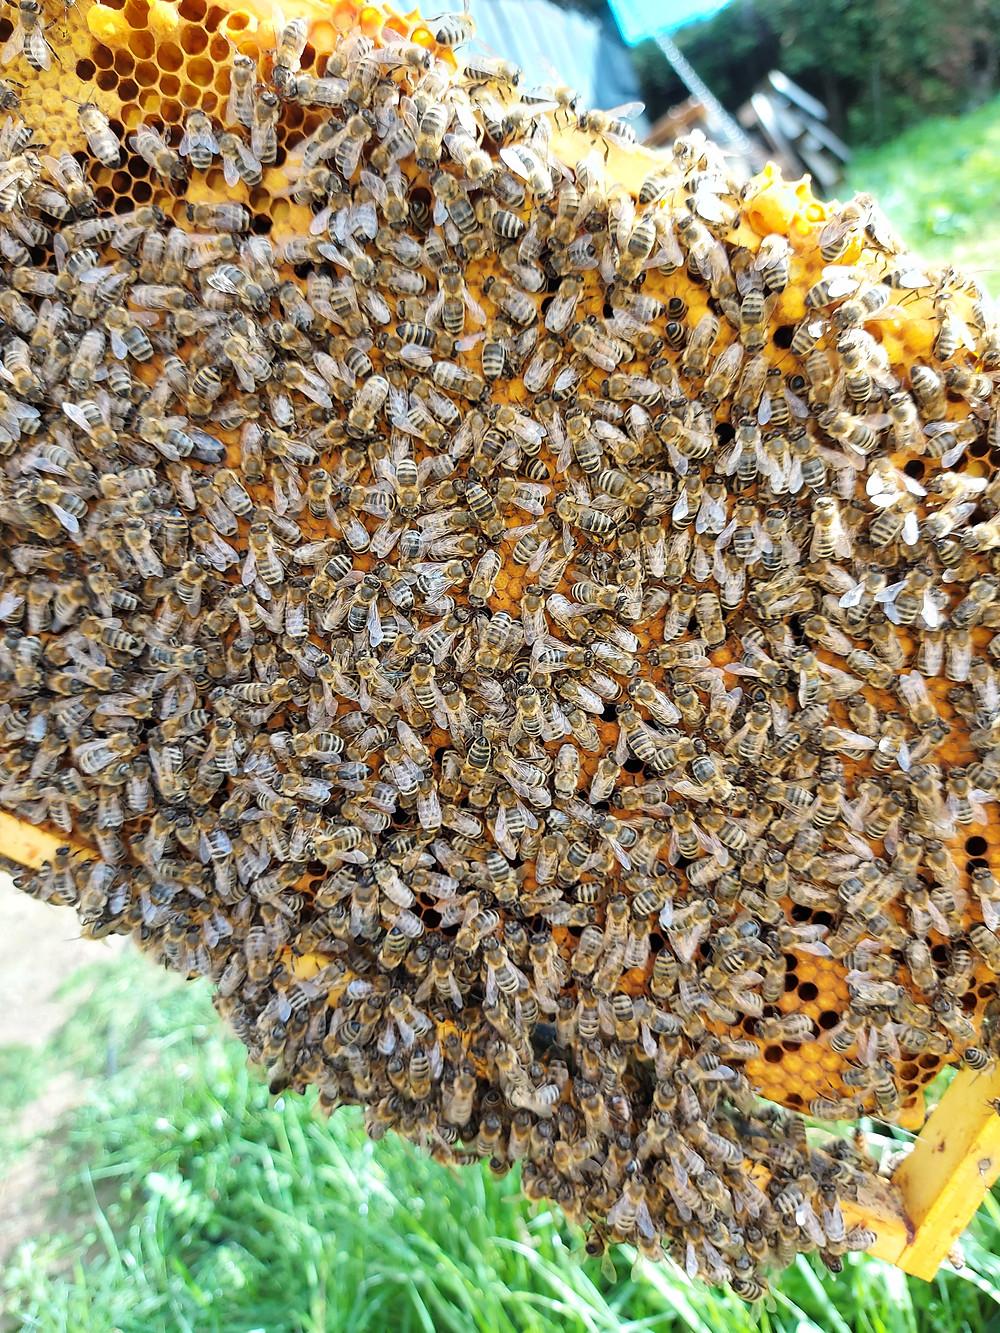 vollbesetzte Bienenwabe eines Imker